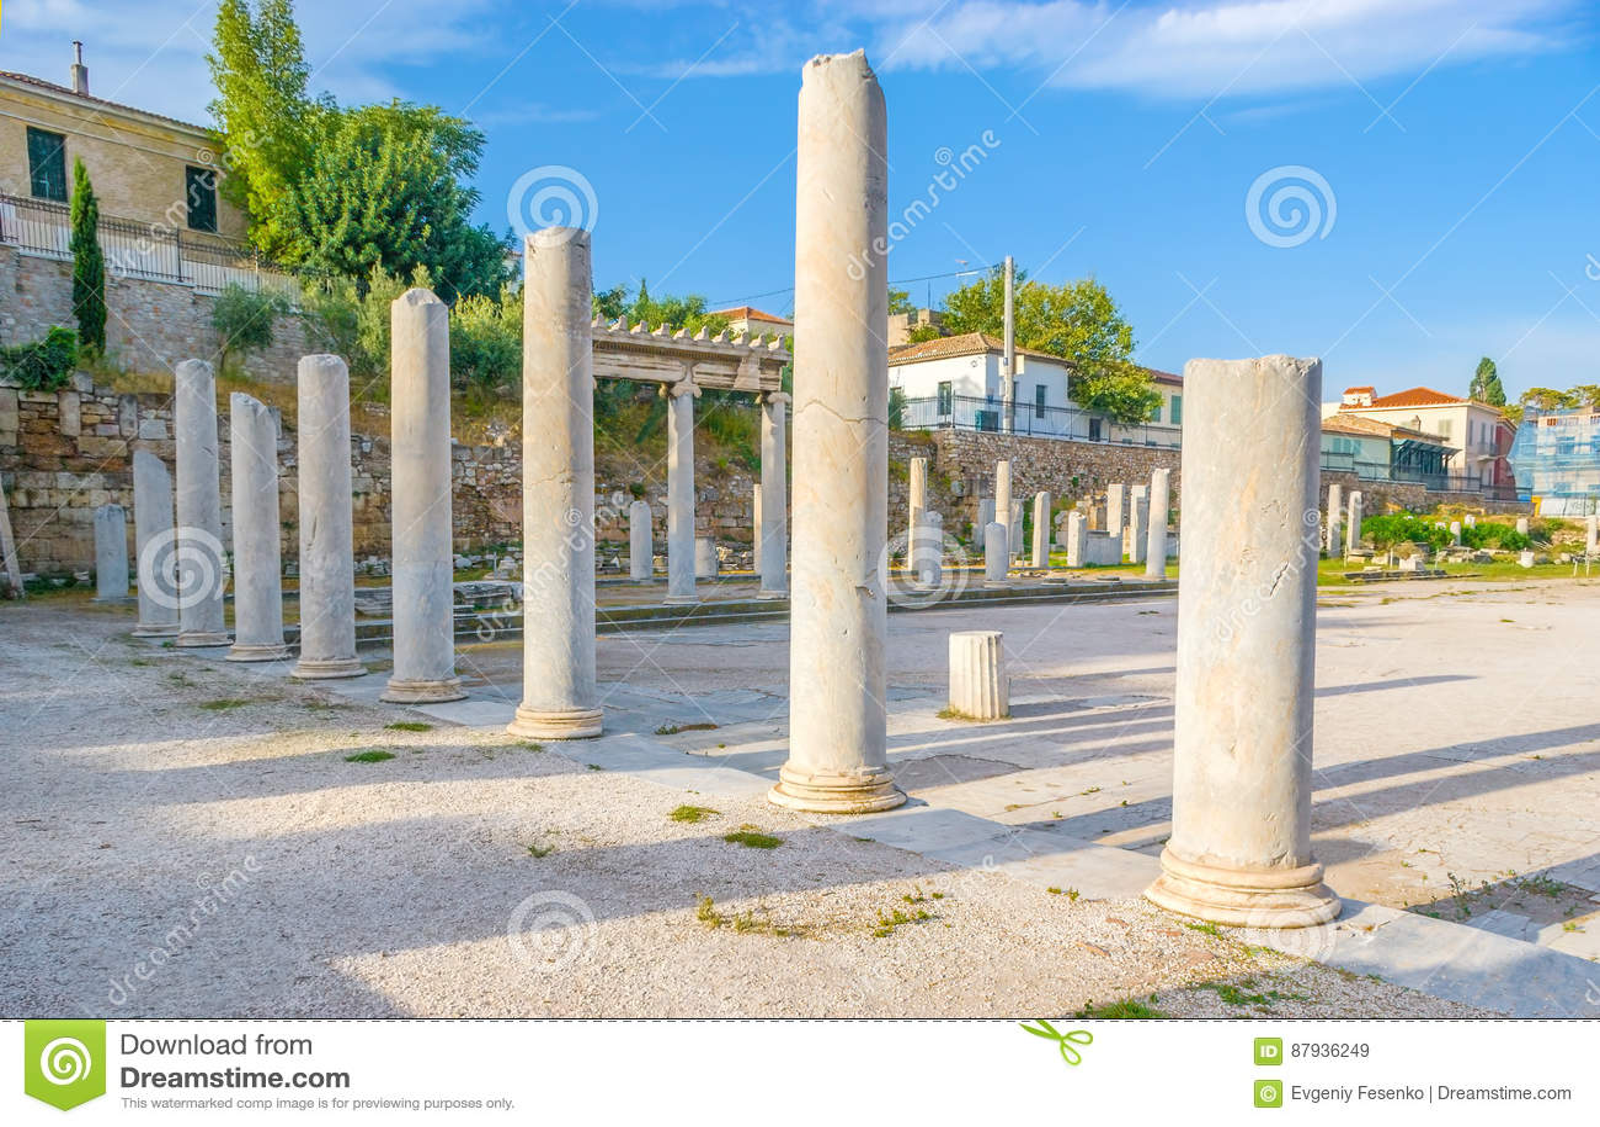 Kolumny w Romańskiej agorze